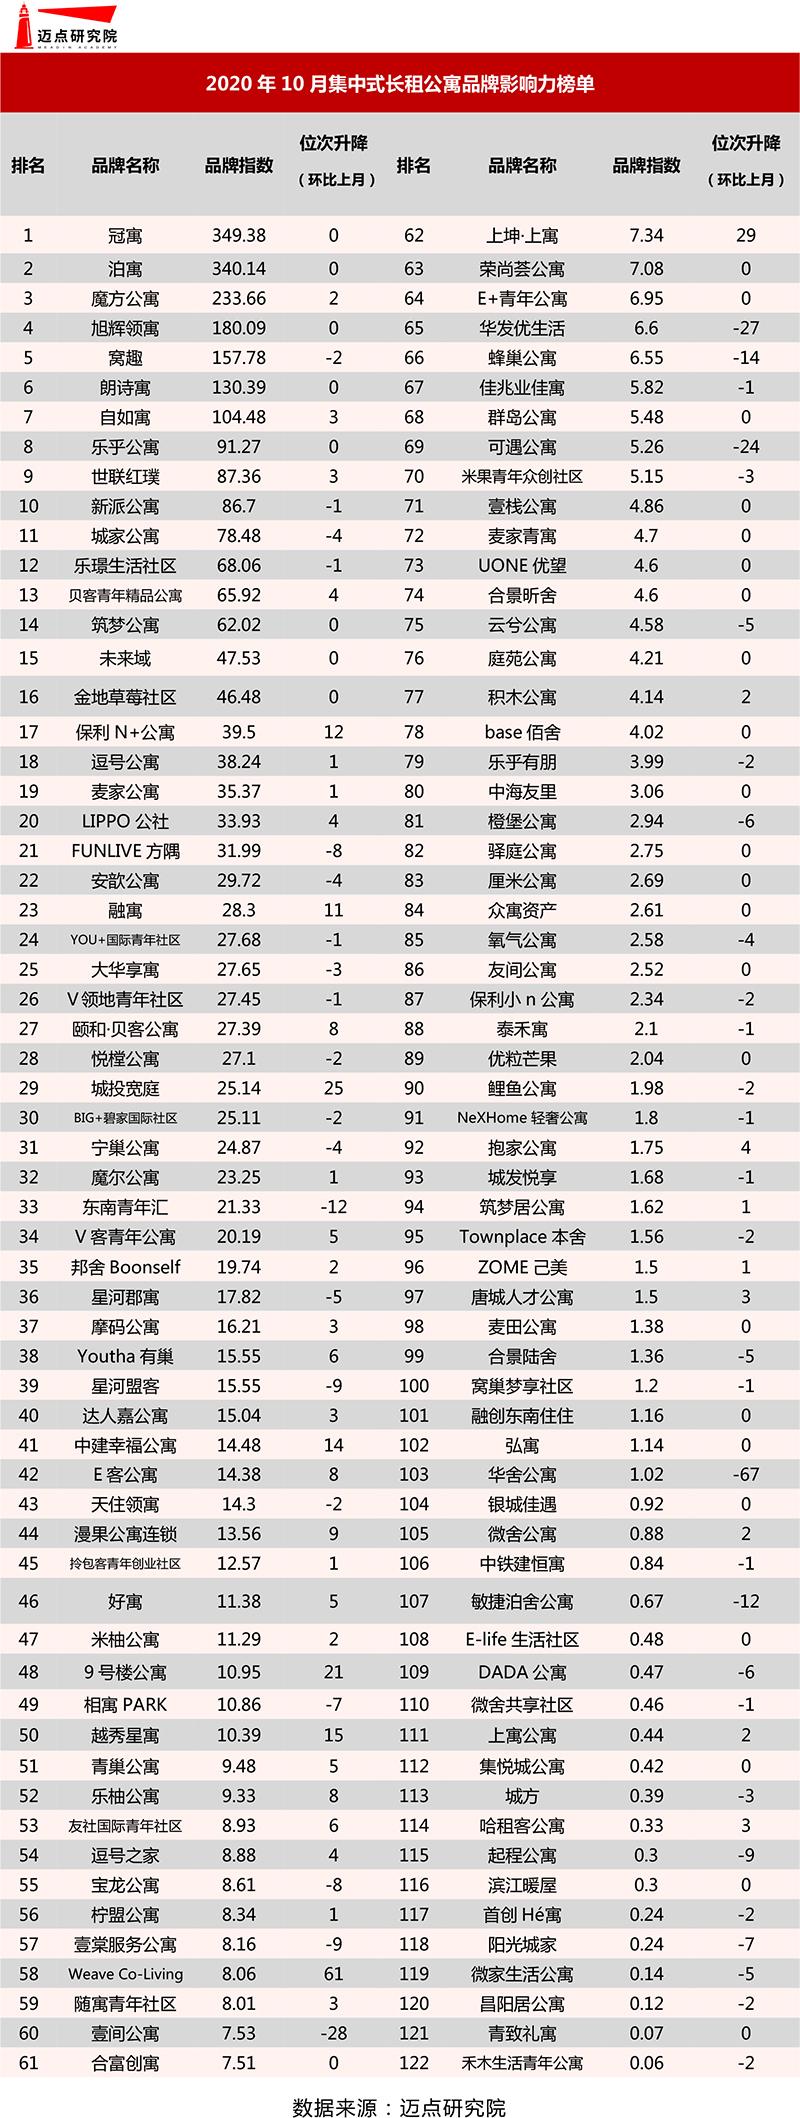 集中式榜单.jpg